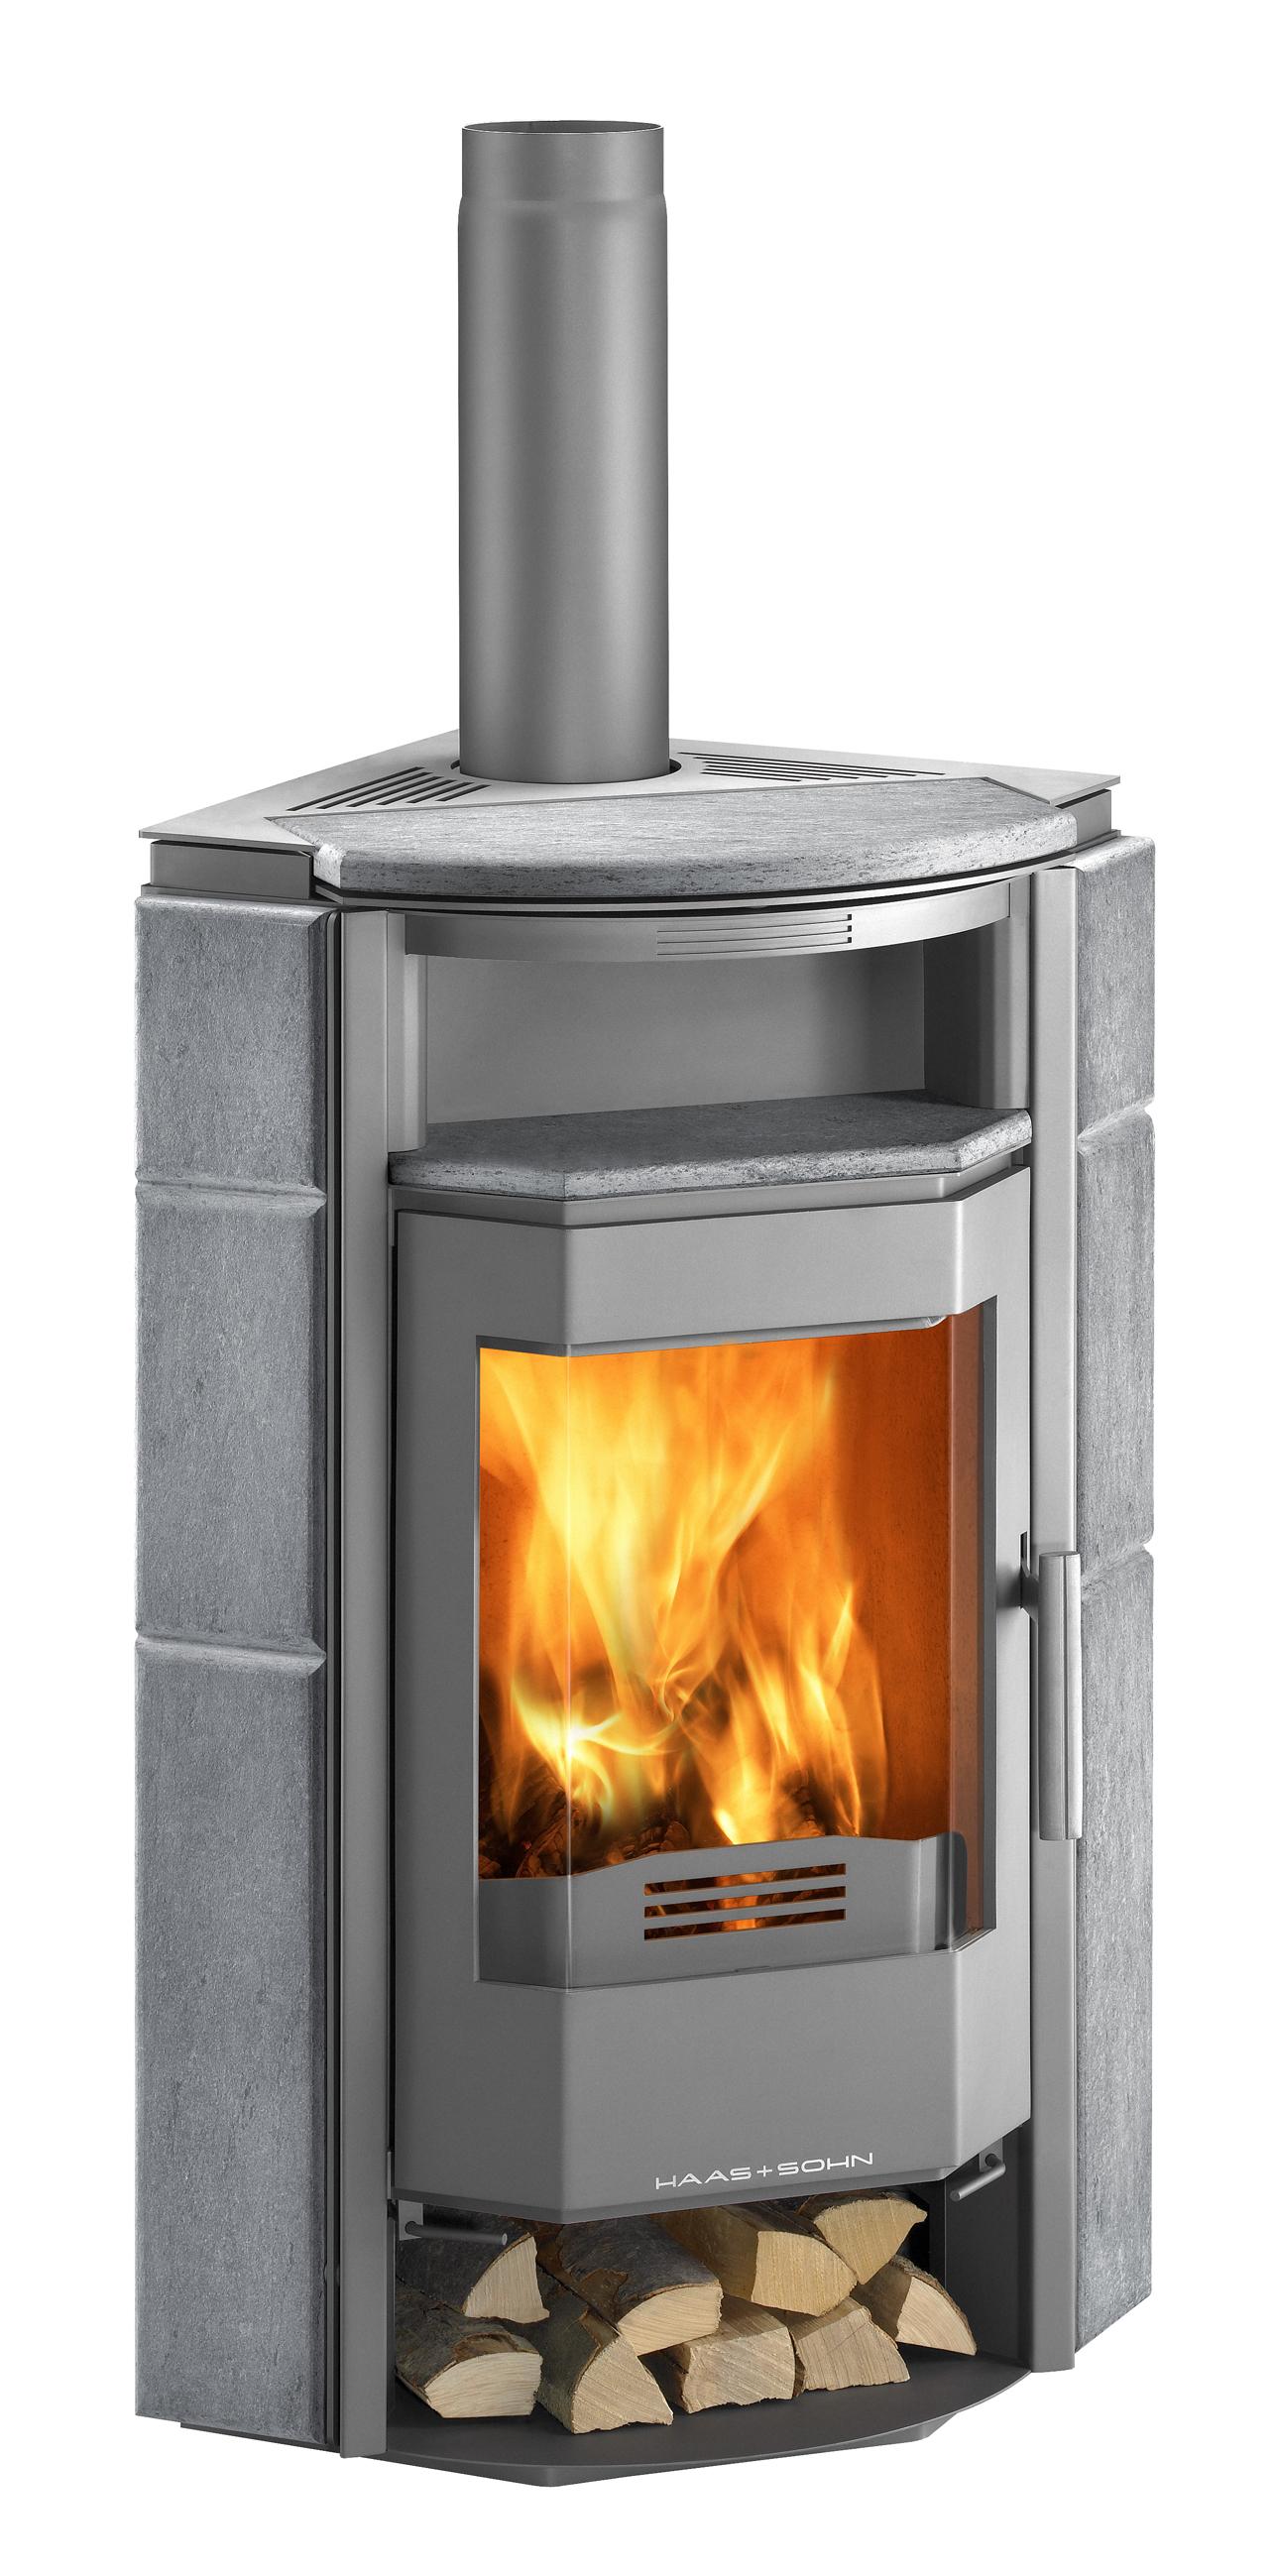 kuopio ii wood stoves haas sohn international. Black Bedroom Furniture Sets. Home Design Ideas